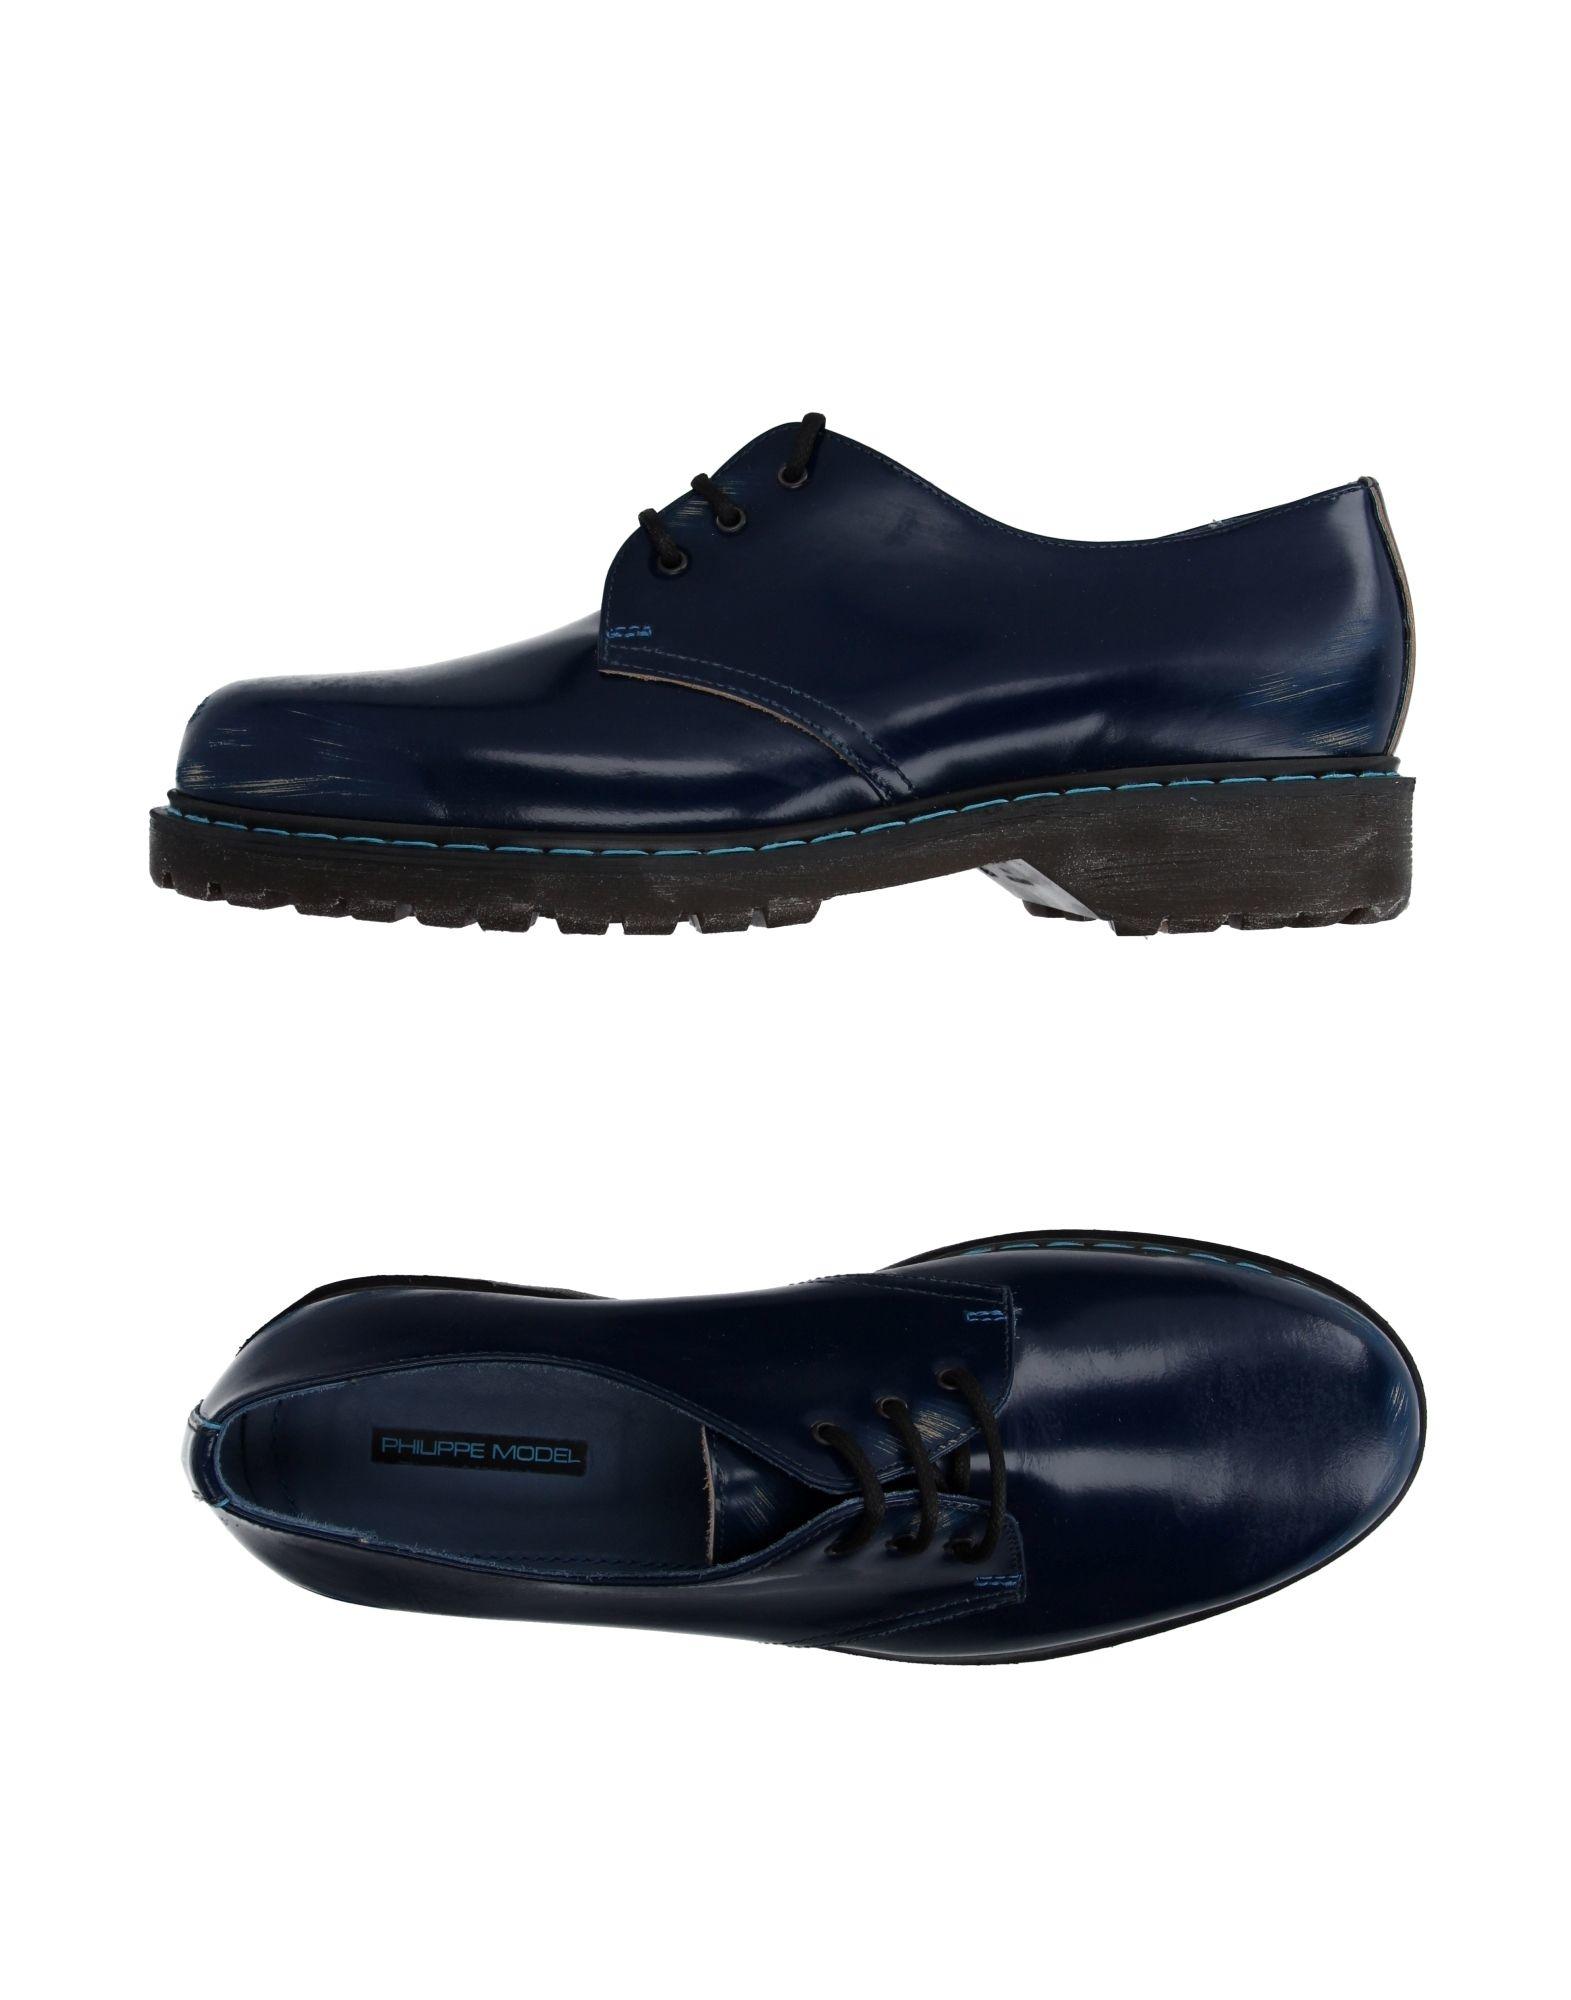 Tm Lewin Dress Shoes